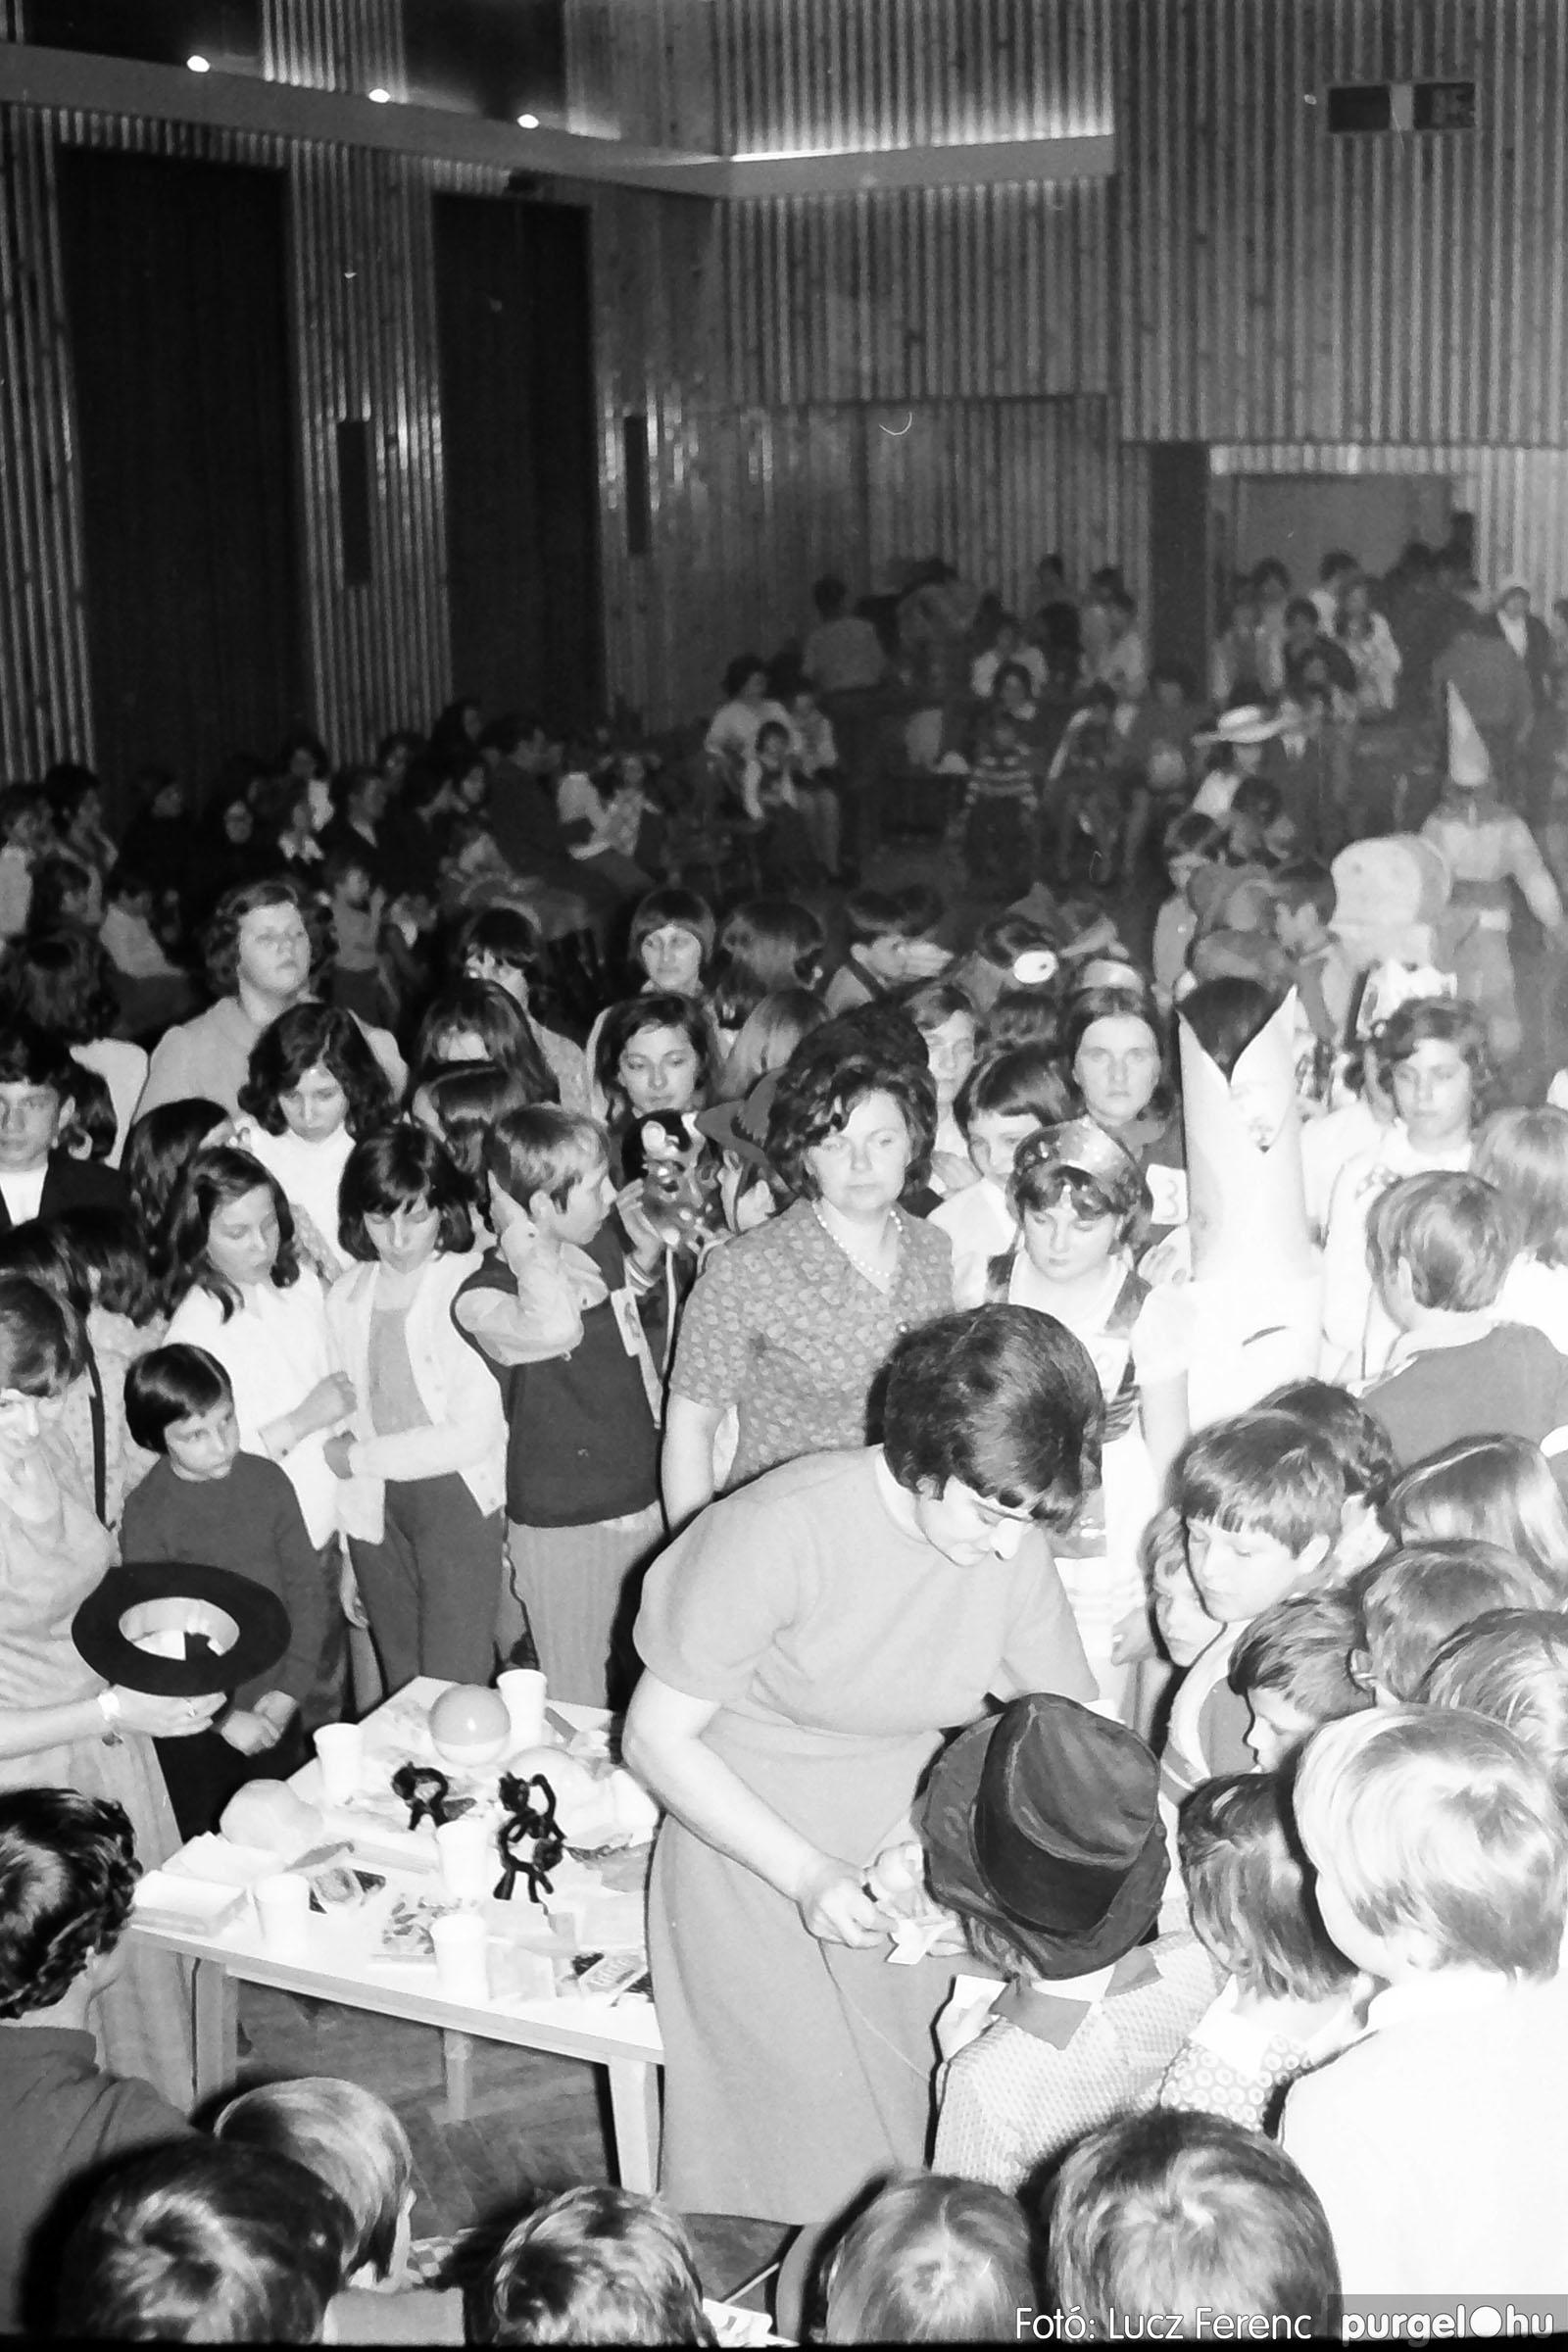 035. 1976. Iskolai farsang a kultúrházban 027 - Fotó: Lucz Ferenc.jpg